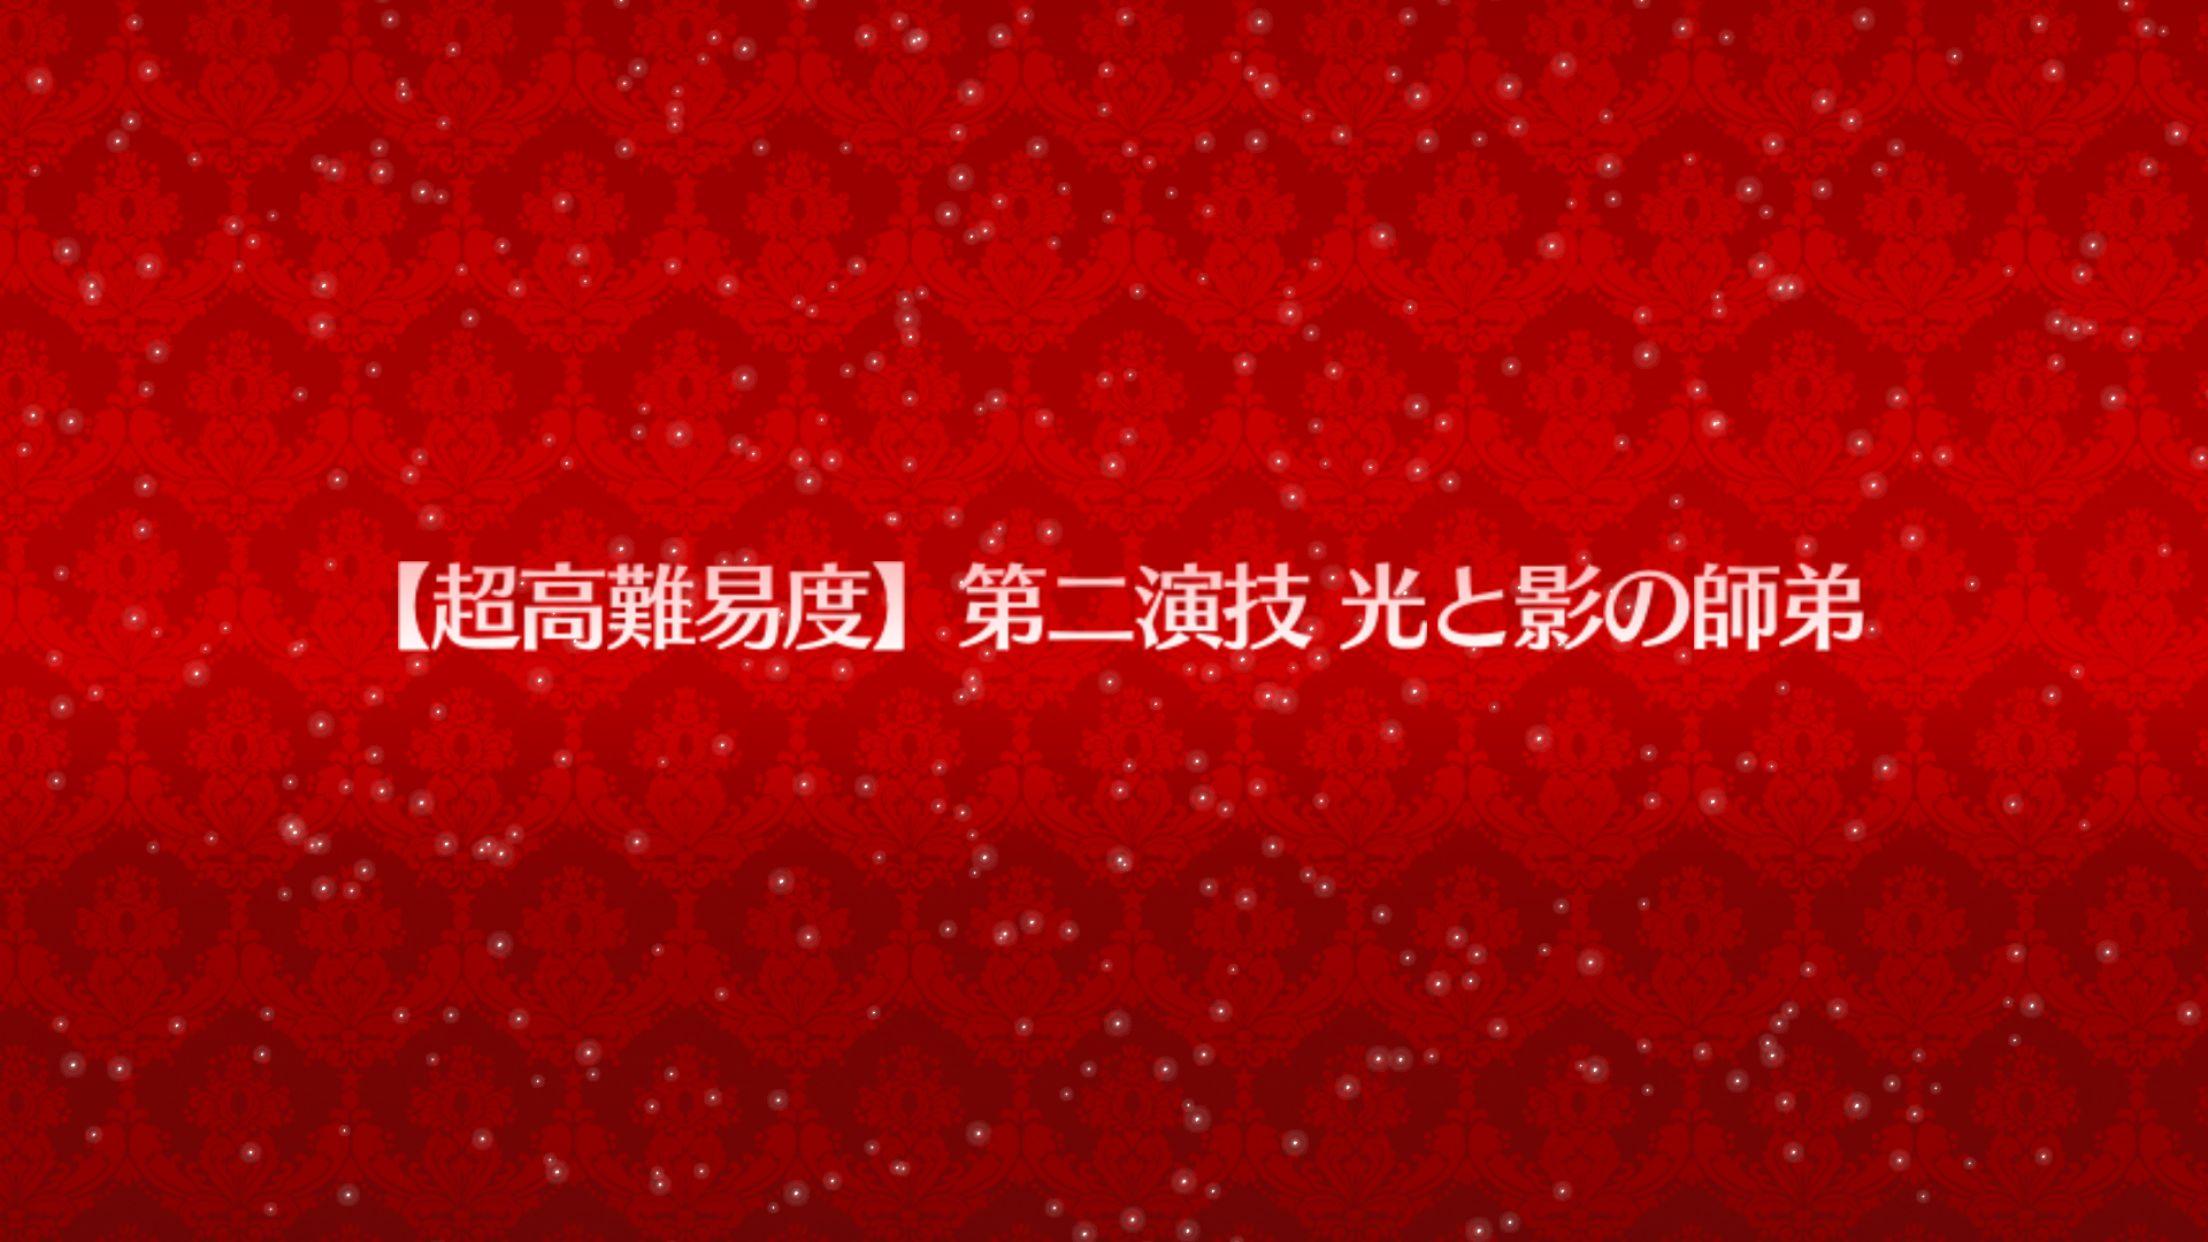 【FGO】ネロ祭り エキシビションクエスト 第二演技 光と影の師弟 攻略